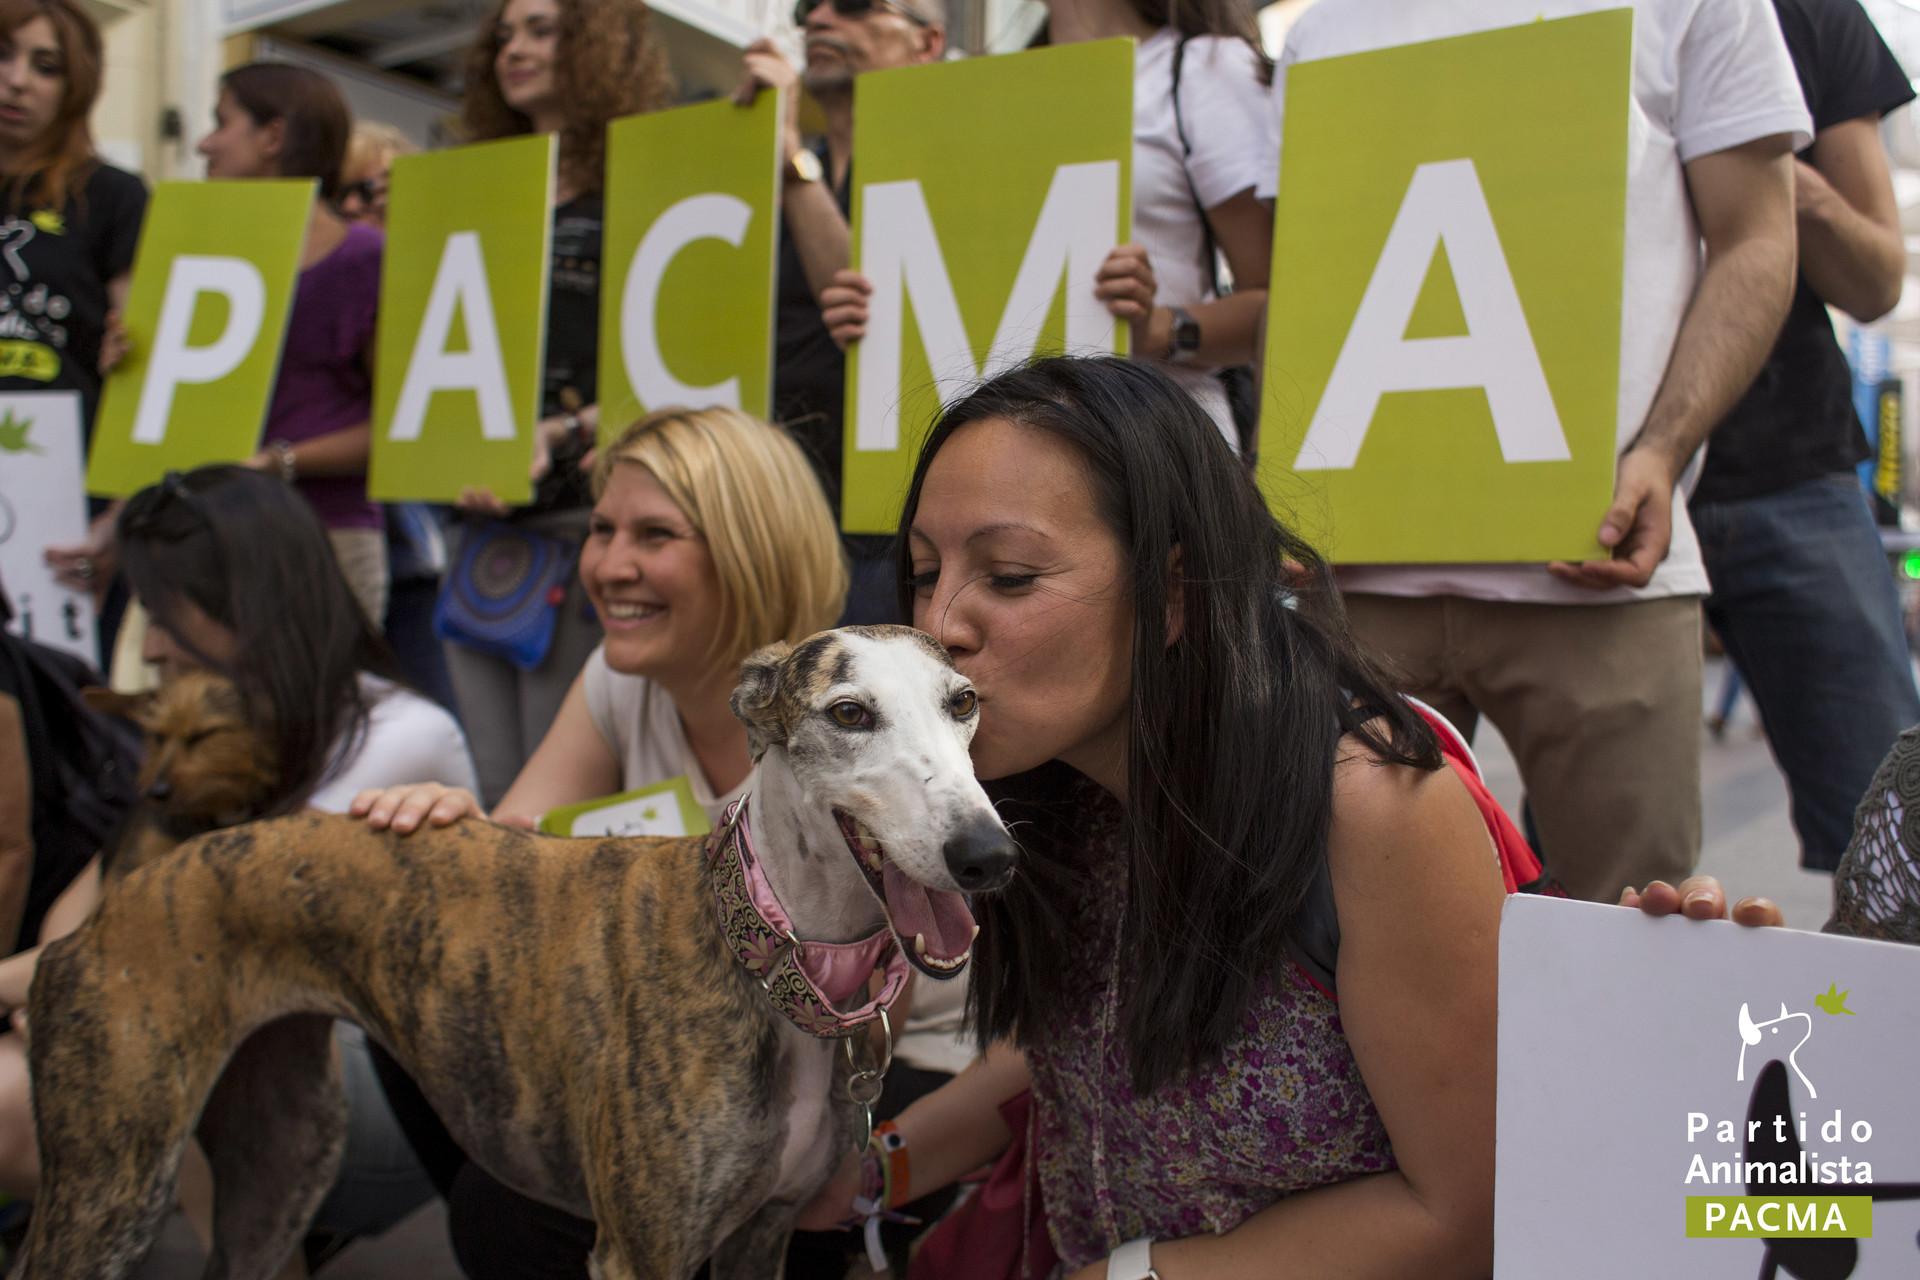 Campaña elecciones generales junio 2016 / Pacma